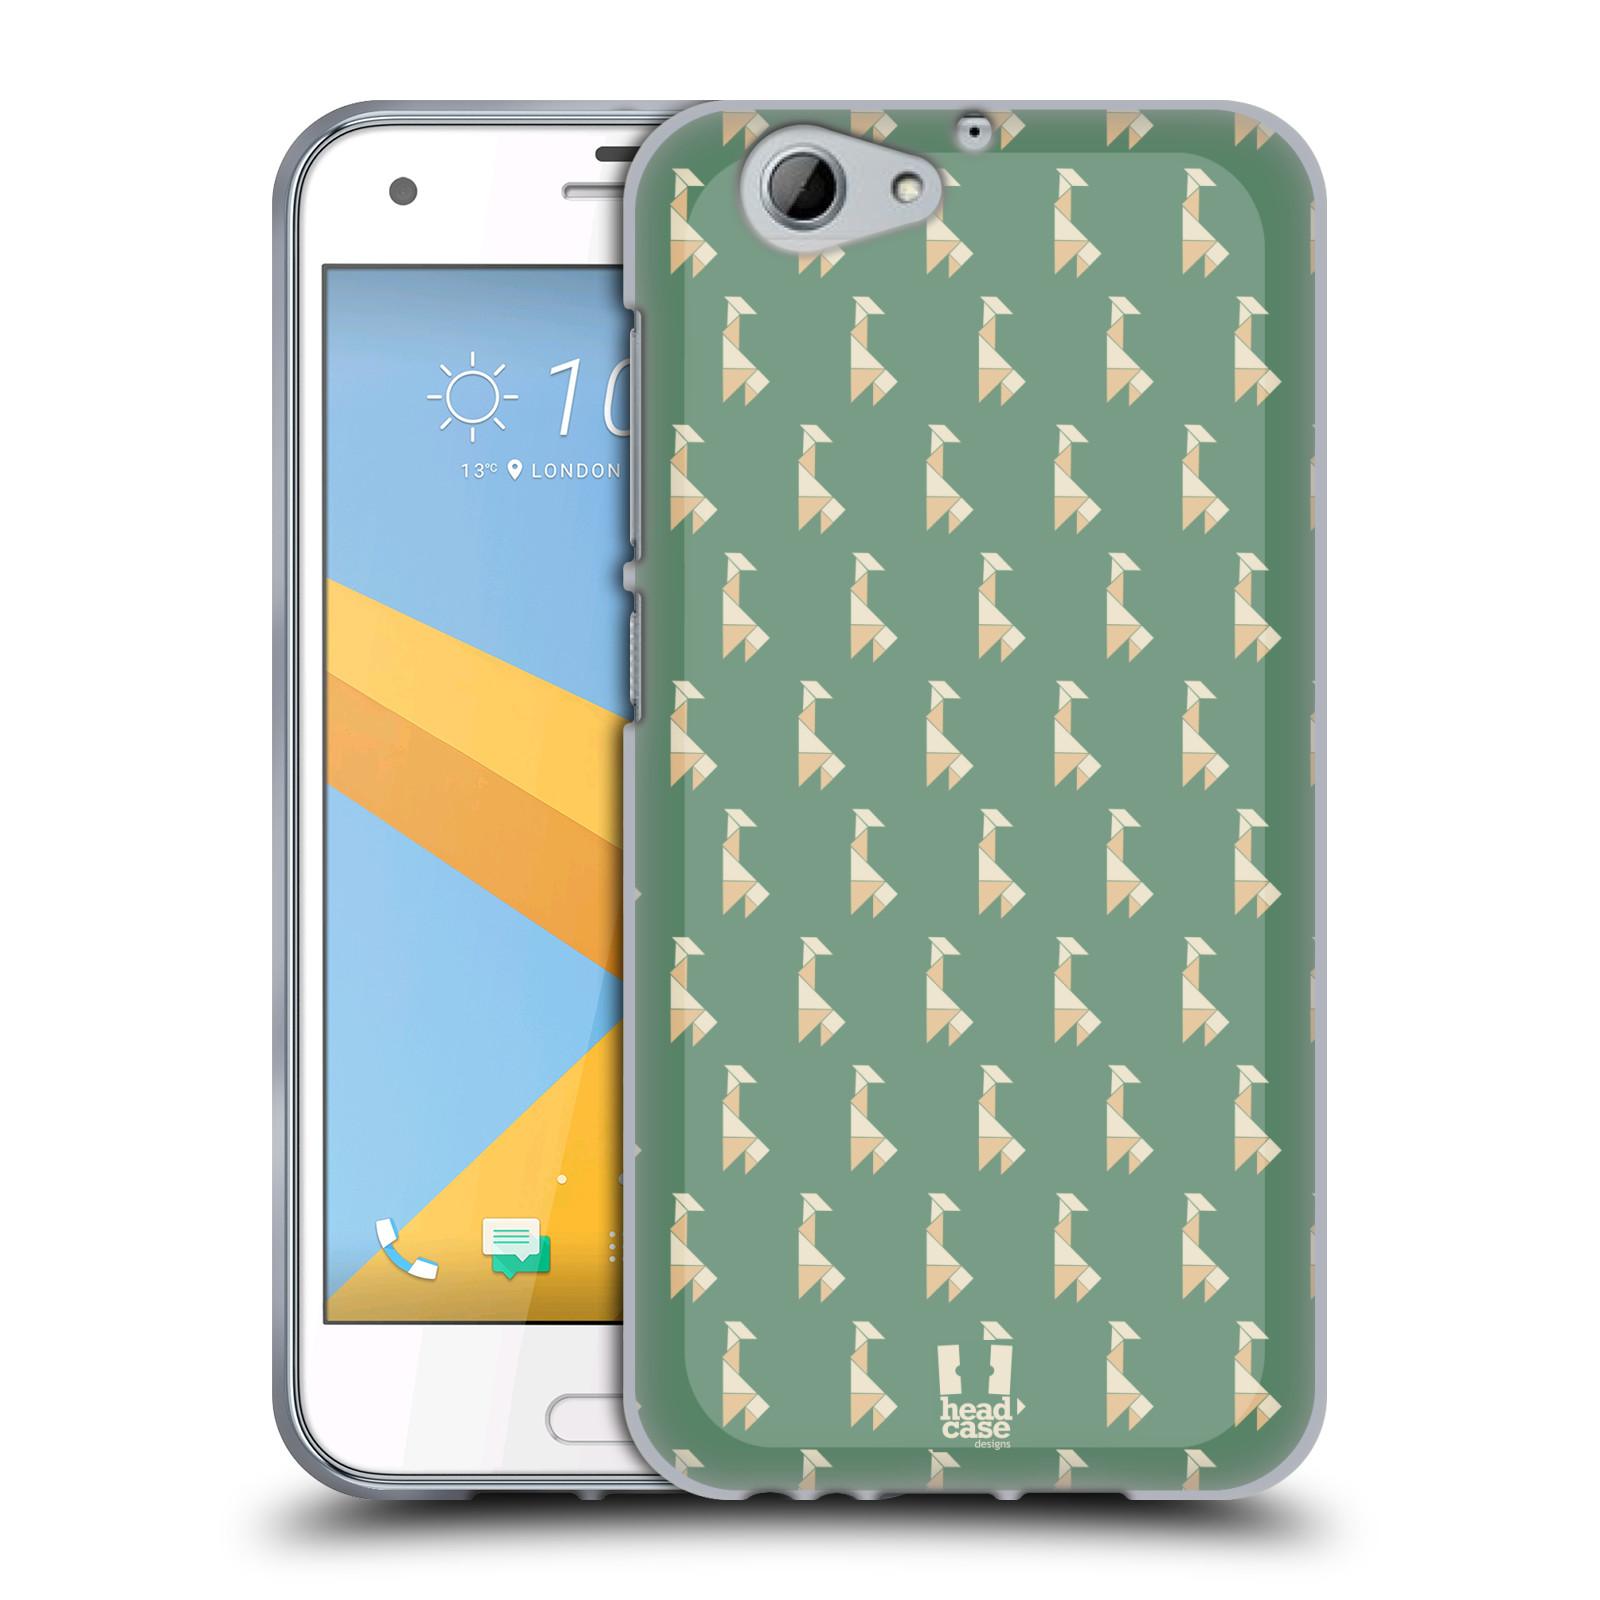 HEAD-CASE-DESIGNS-STAMPE-ANIMALI-TANGRAM-COVER-MORBIDA-IN-GEL-PER-HTC-ONE-A9s